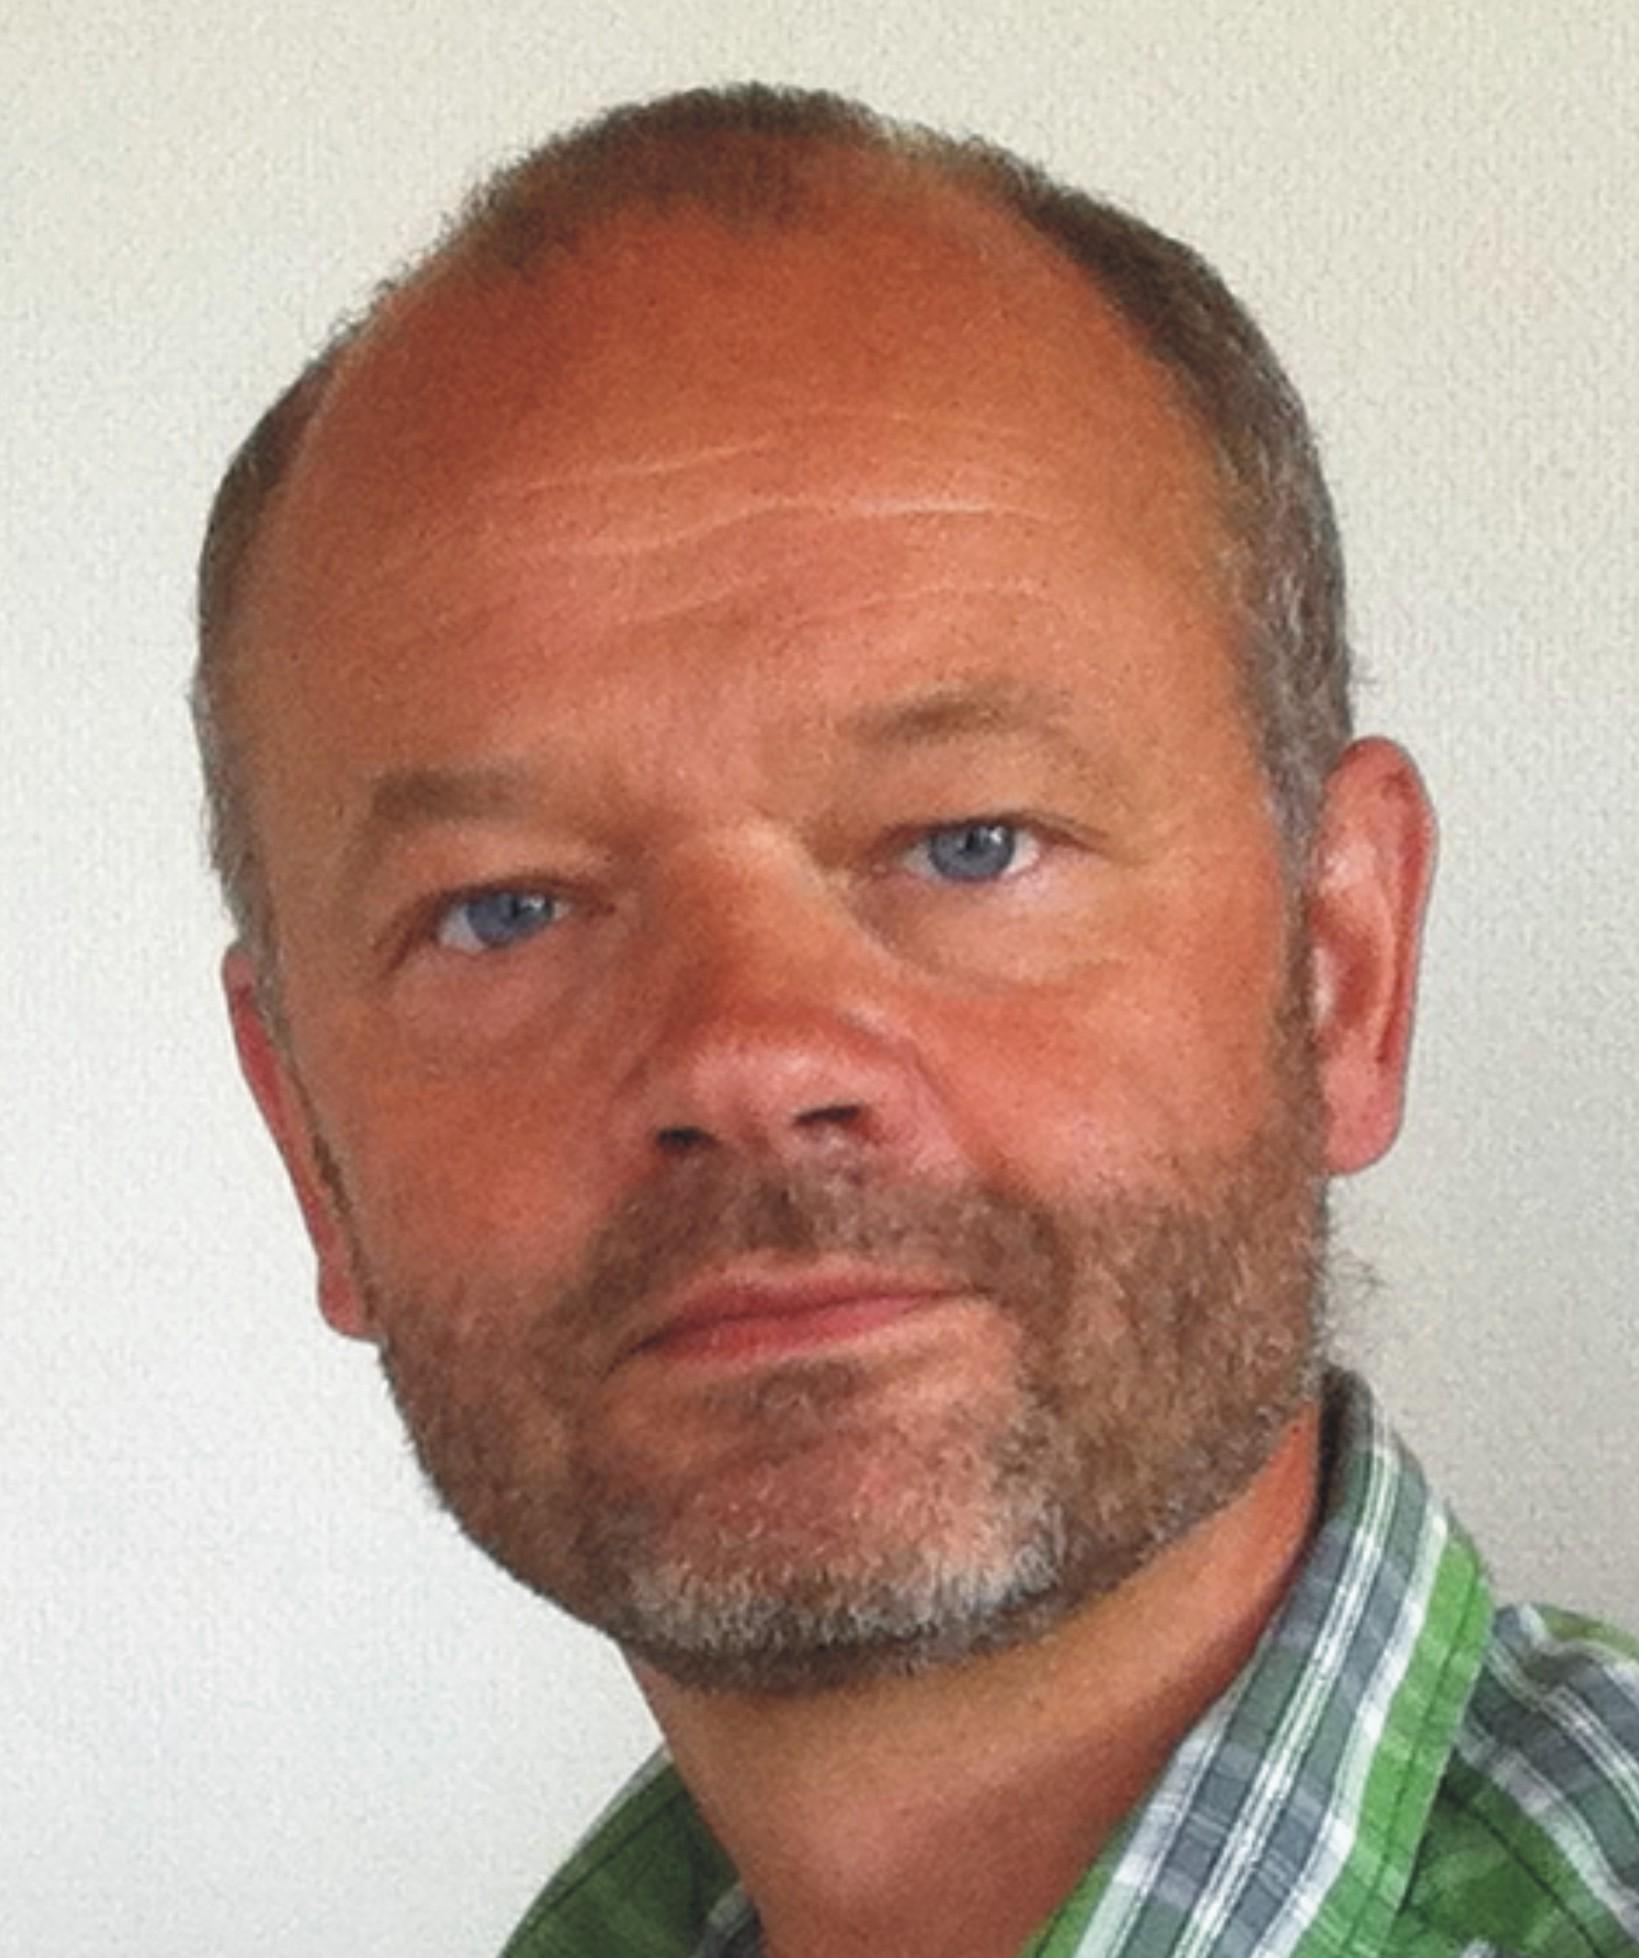 Lars Riis Damgaard